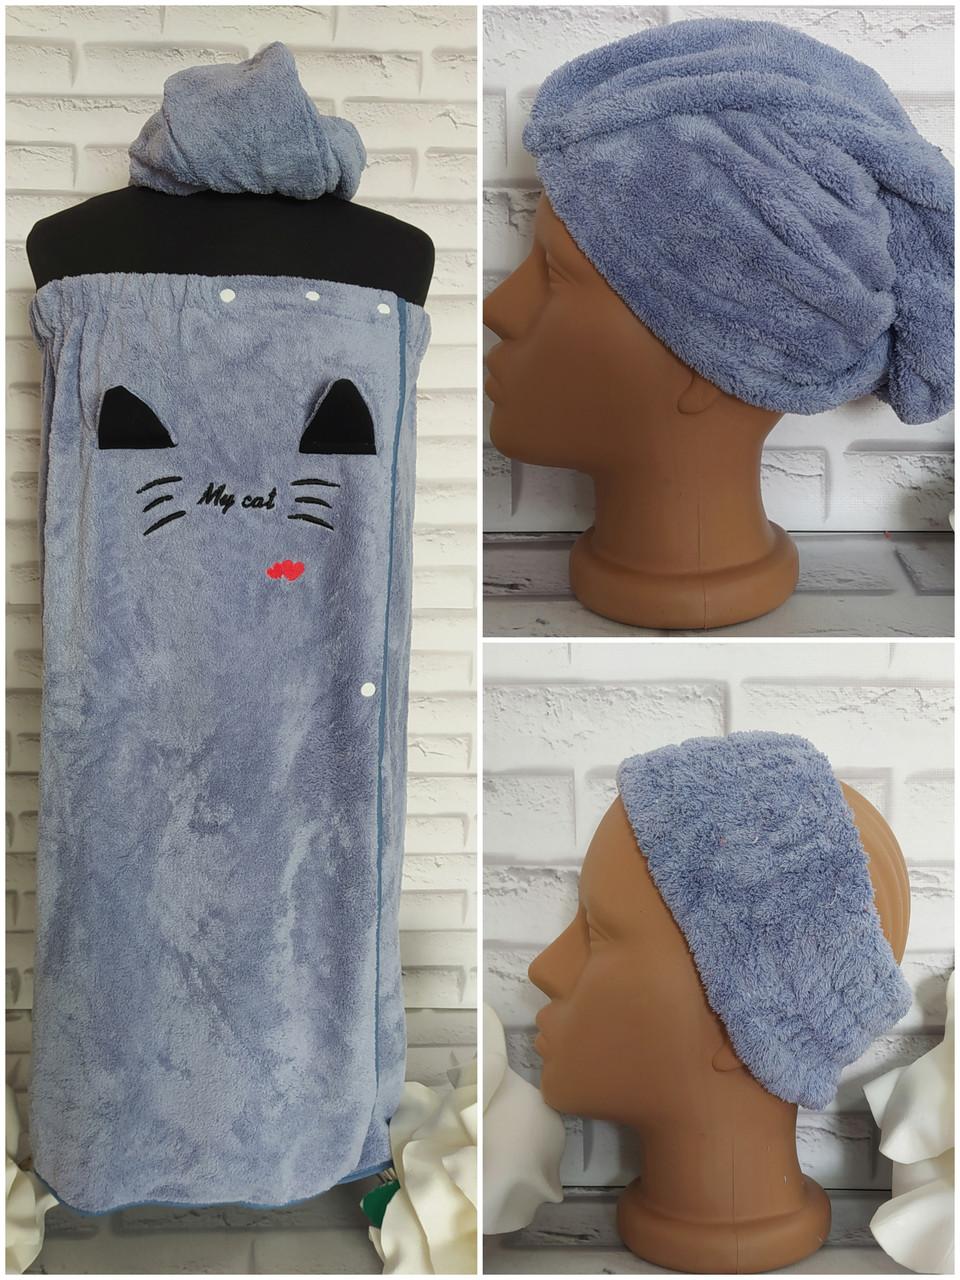 Набор для сауны бани 3в1 полотенце р. 75х125 см микрофибра плюш с челмой и повязка для волос